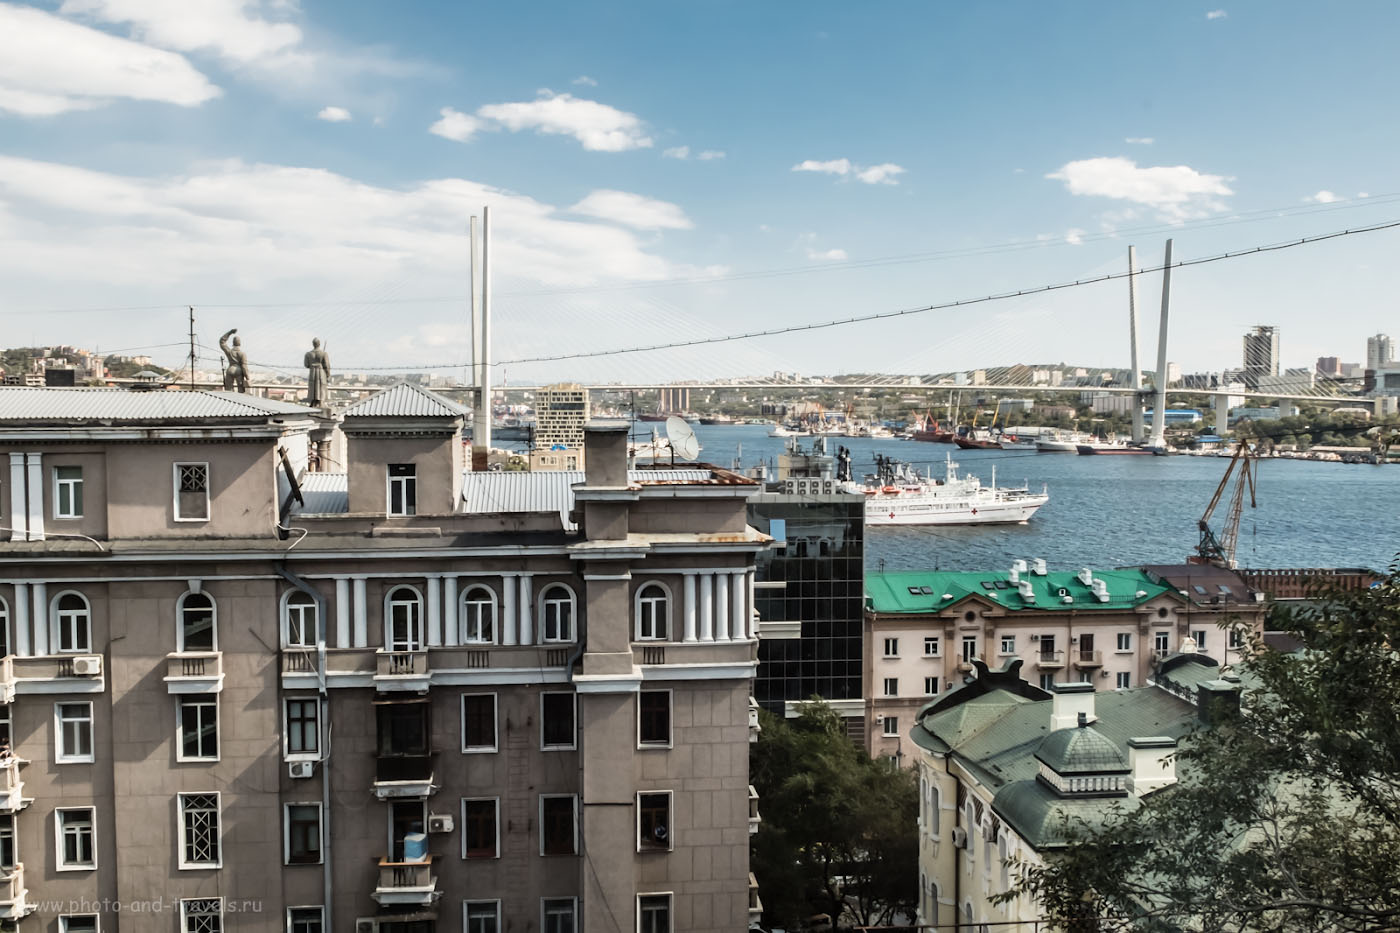 Фото 11. Вид на Золотой мост во Владивостоке. Камера Fuji X30. Параметры съемки: Настройки: 1.210, +1.0, 7.1, 200, 9.3.